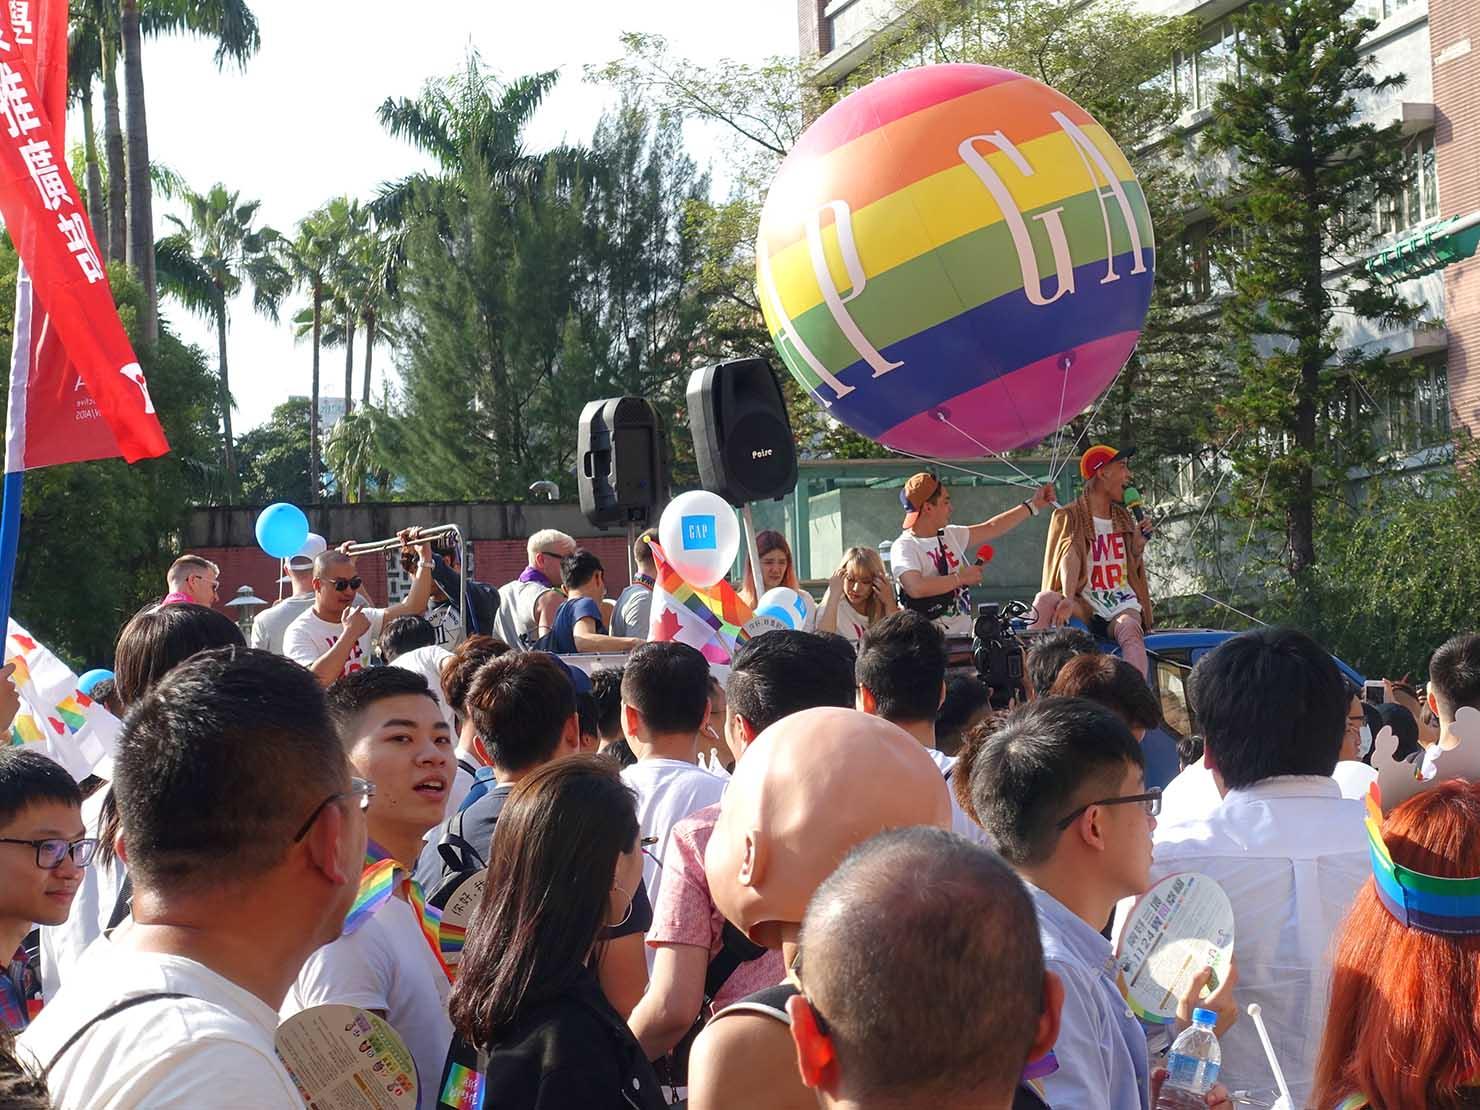 台灣同志遊行(台湾LGBTプライド)2018パレード協賛企業のバルーン